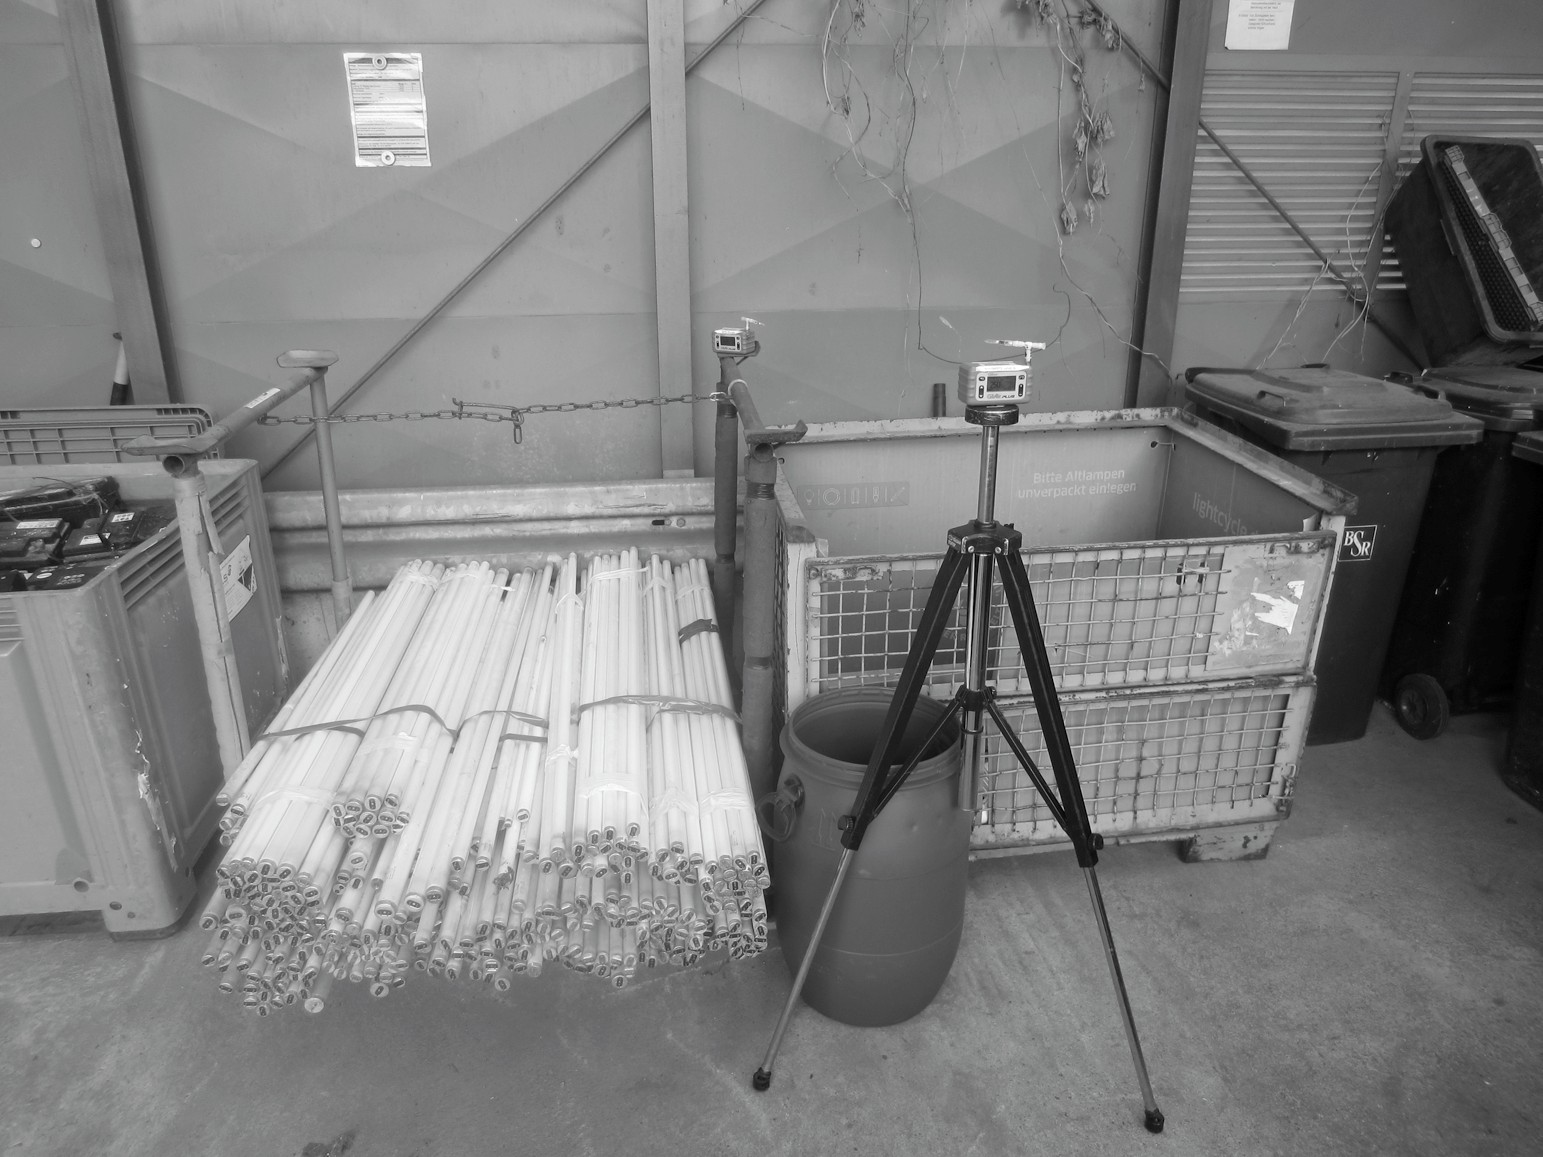 Bild 2. Quecksilbermessung an Rungenpalette und Gitterbox. Quelle: BAuA